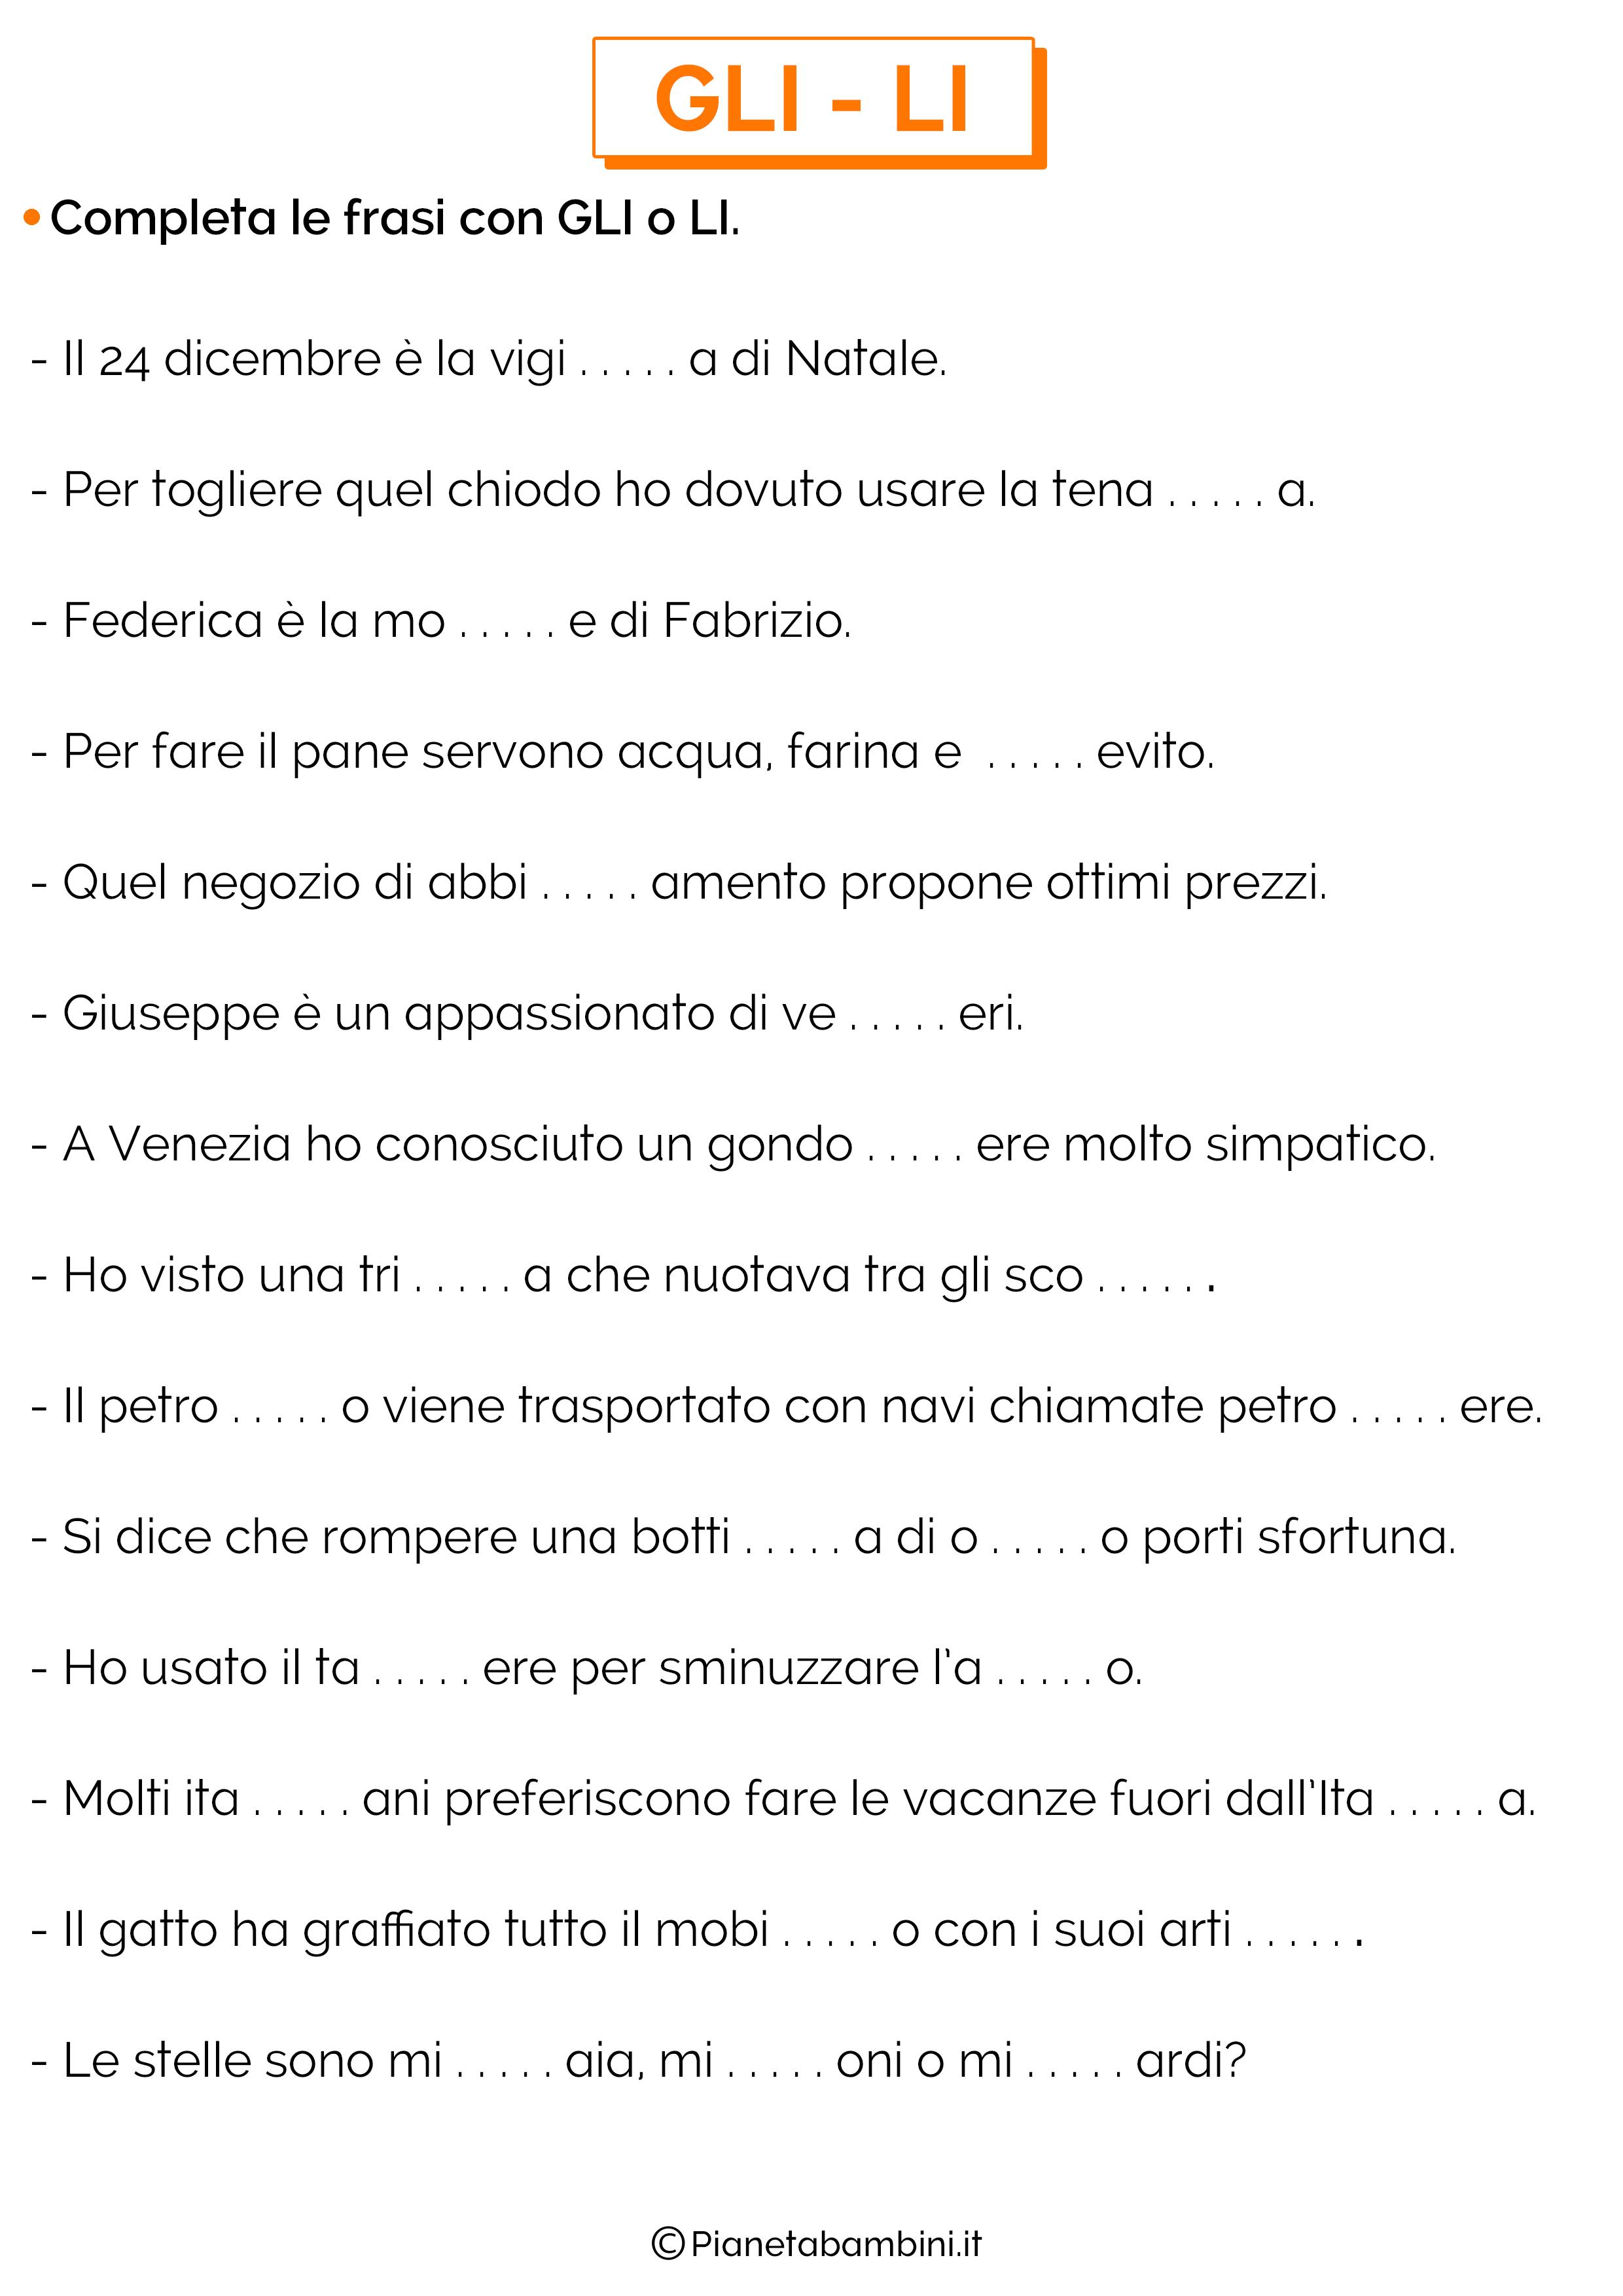 Completa frasi con GLI o LI